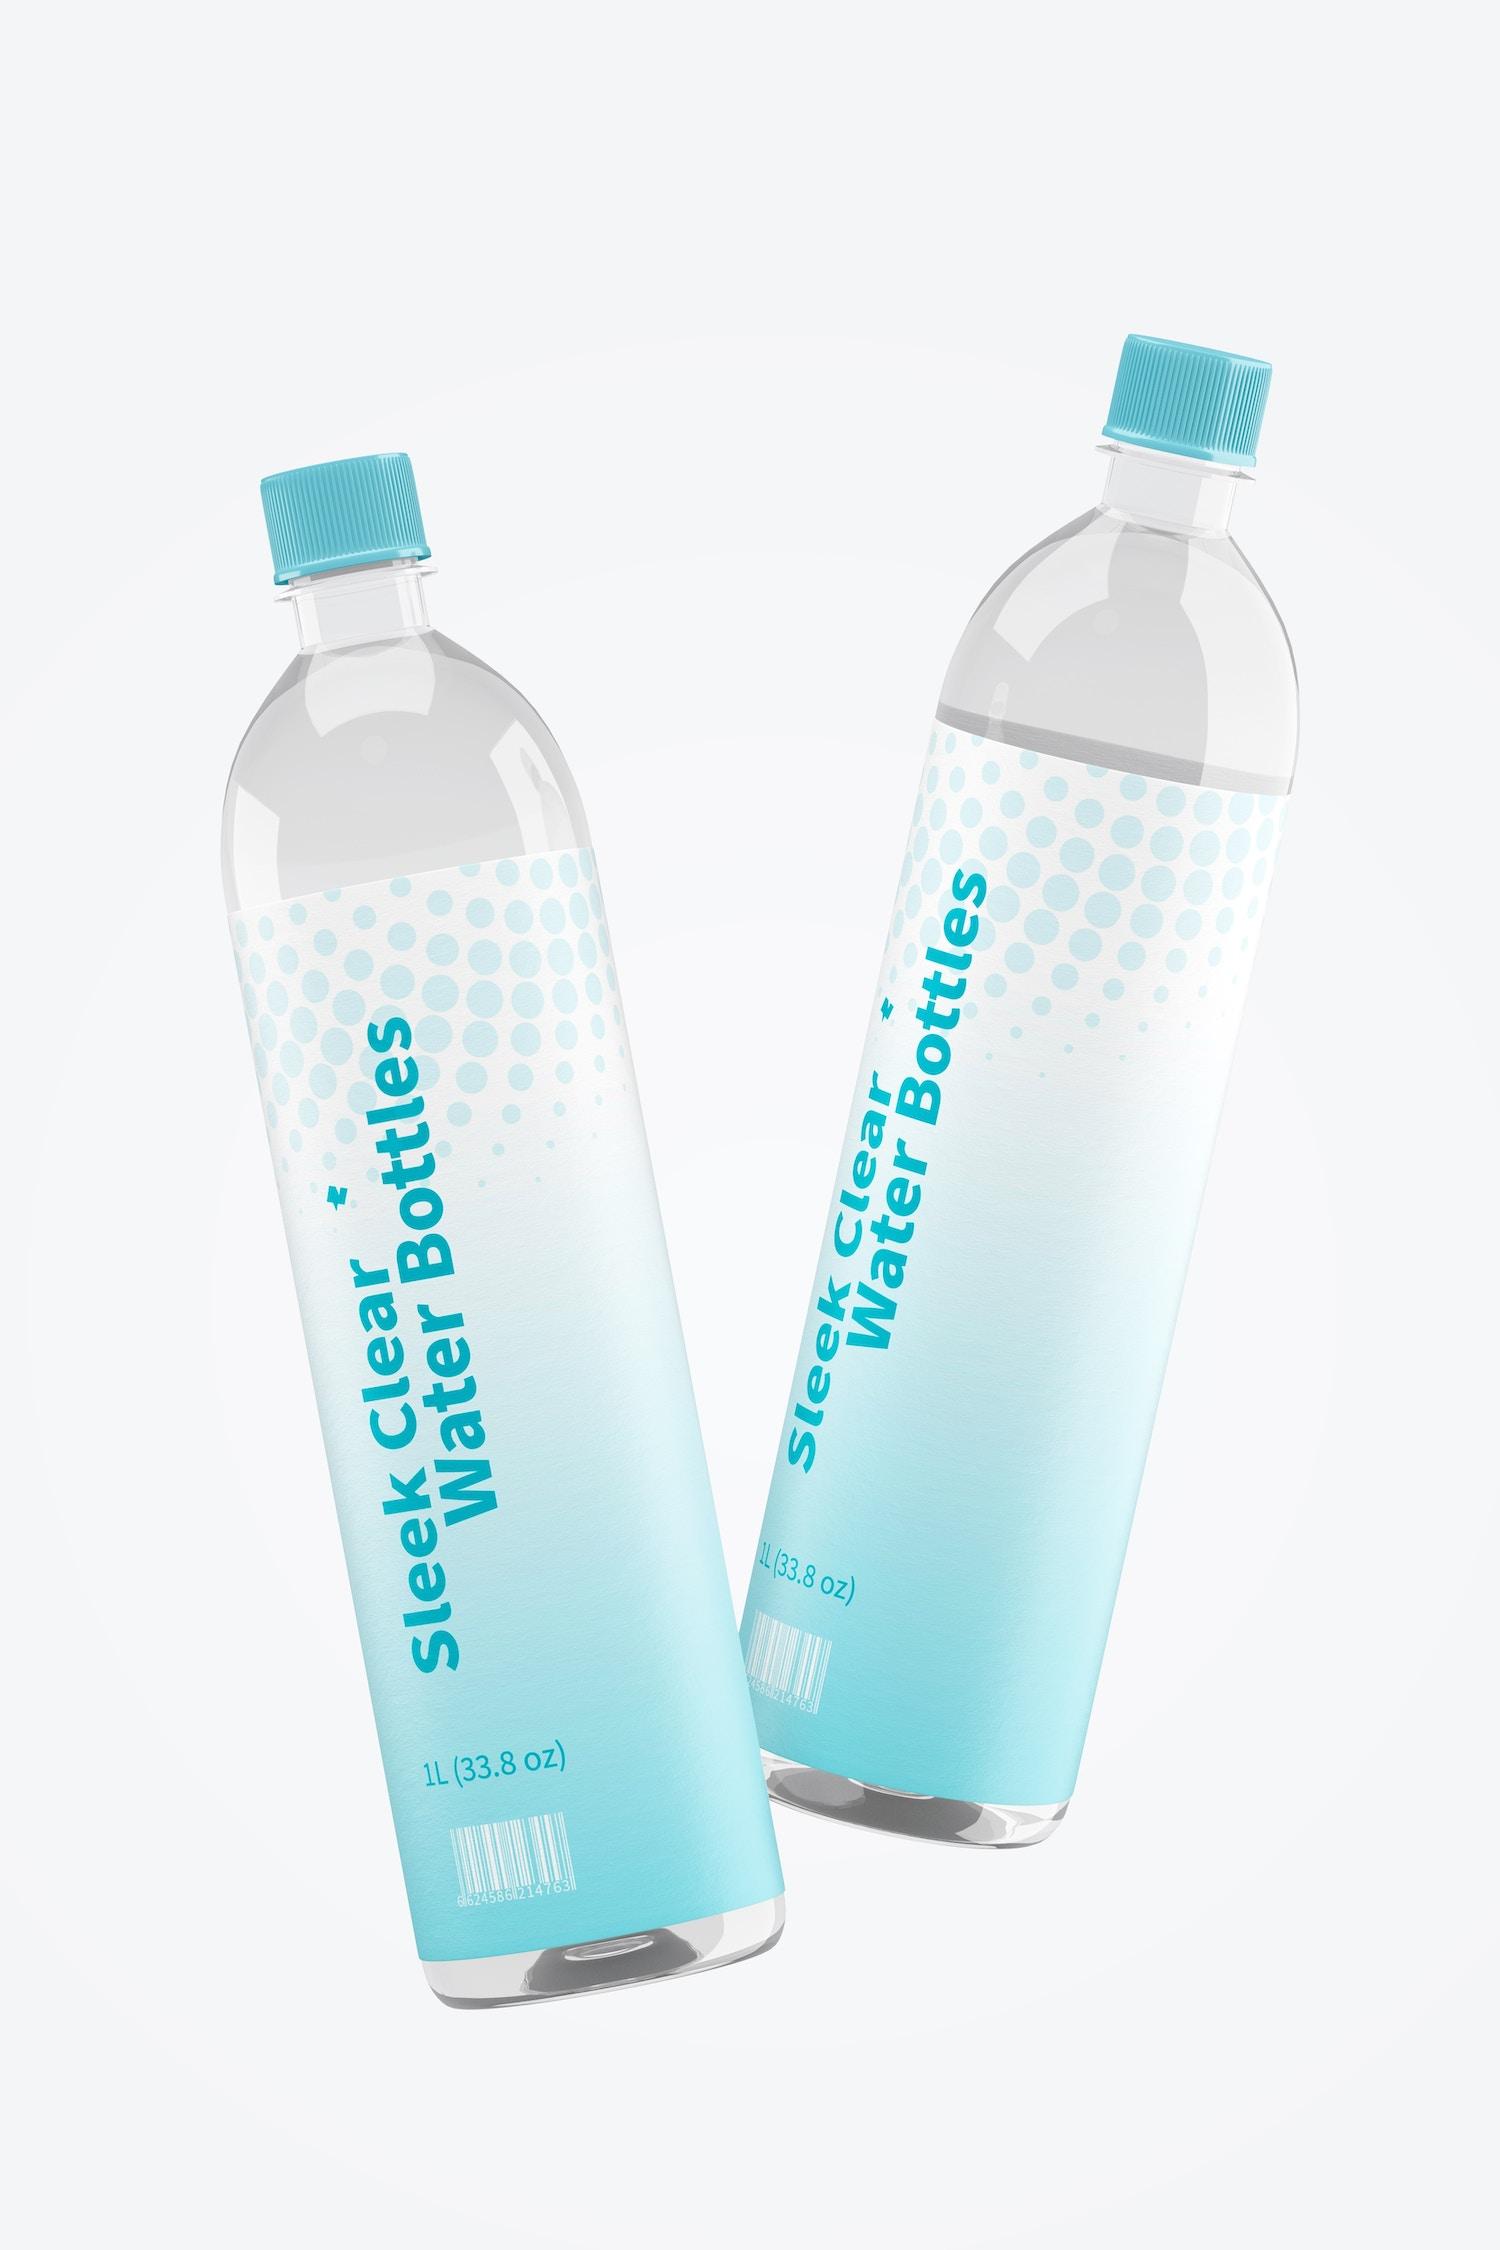 1L Sleek Clear Water Bottles Mockup, Falling